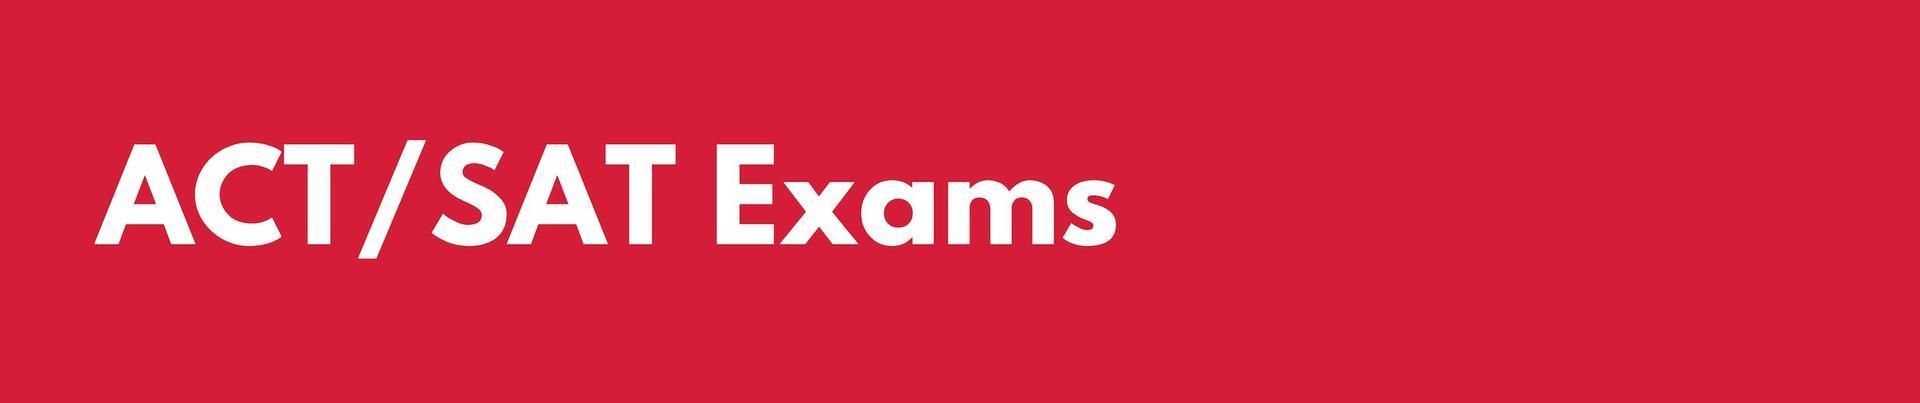 ACT/SAT Exams Header